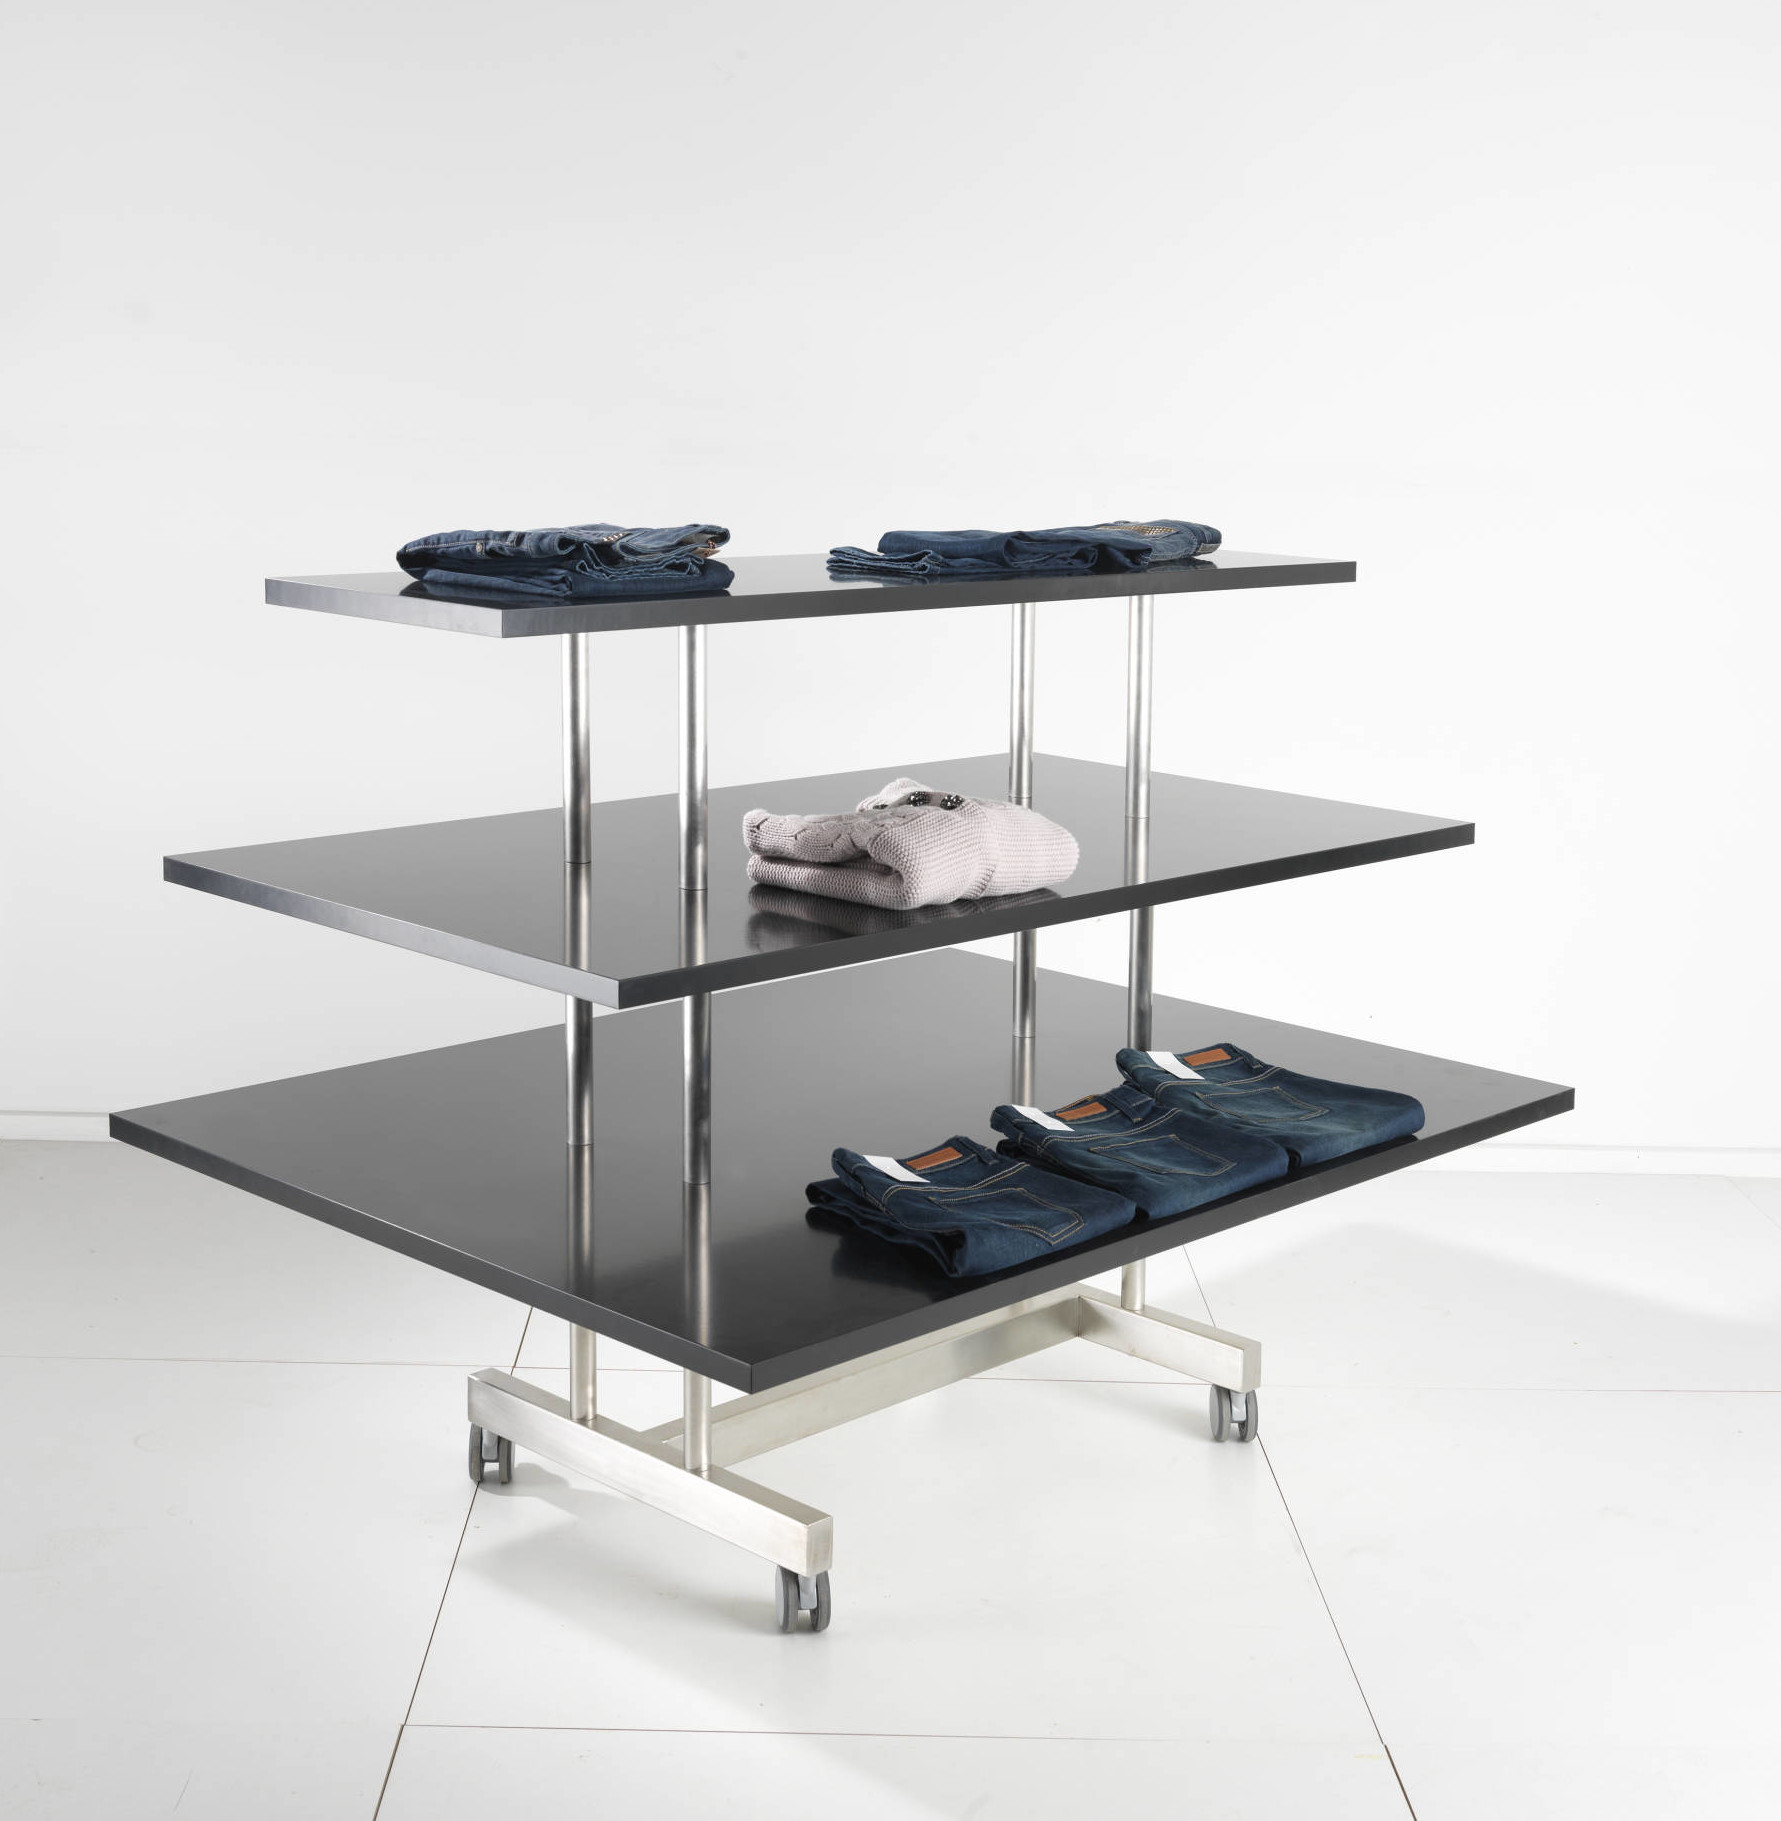 Effektivt salgsmodul med tre plader, som kan rumme mange varer, og som kan leveres i alle farver. Butiksinventar.